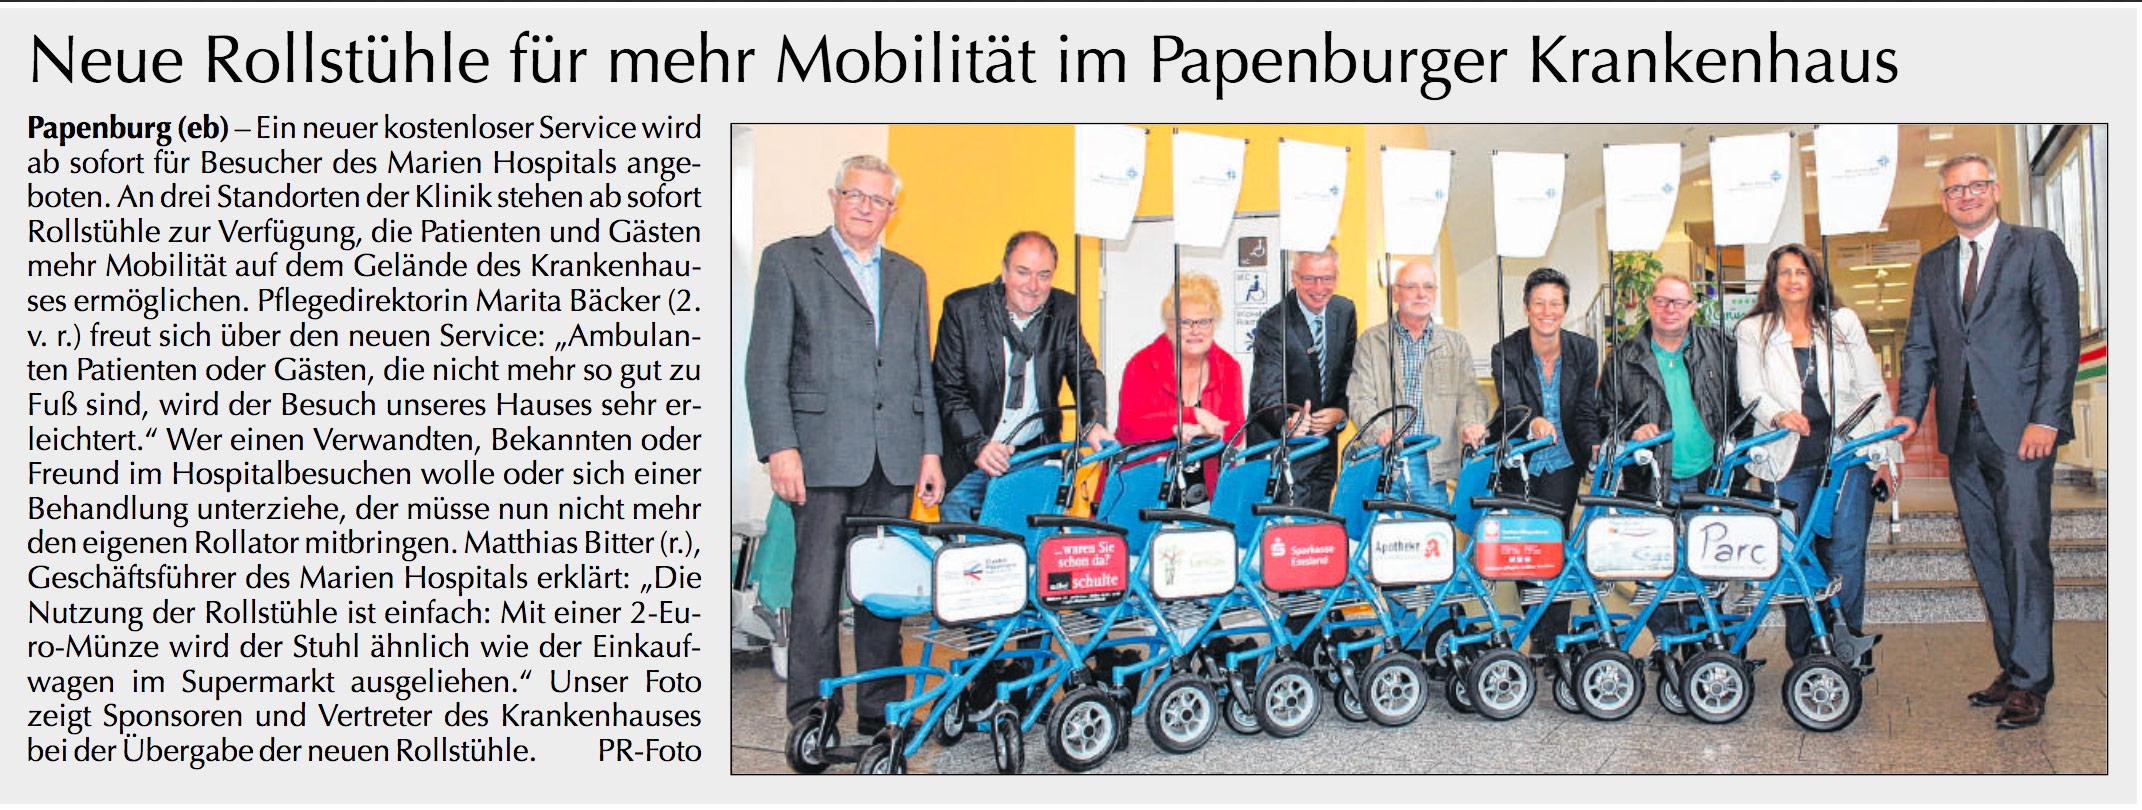 Neue Rollstühle für mehr Mobilität im Papenburger Krankenhaus